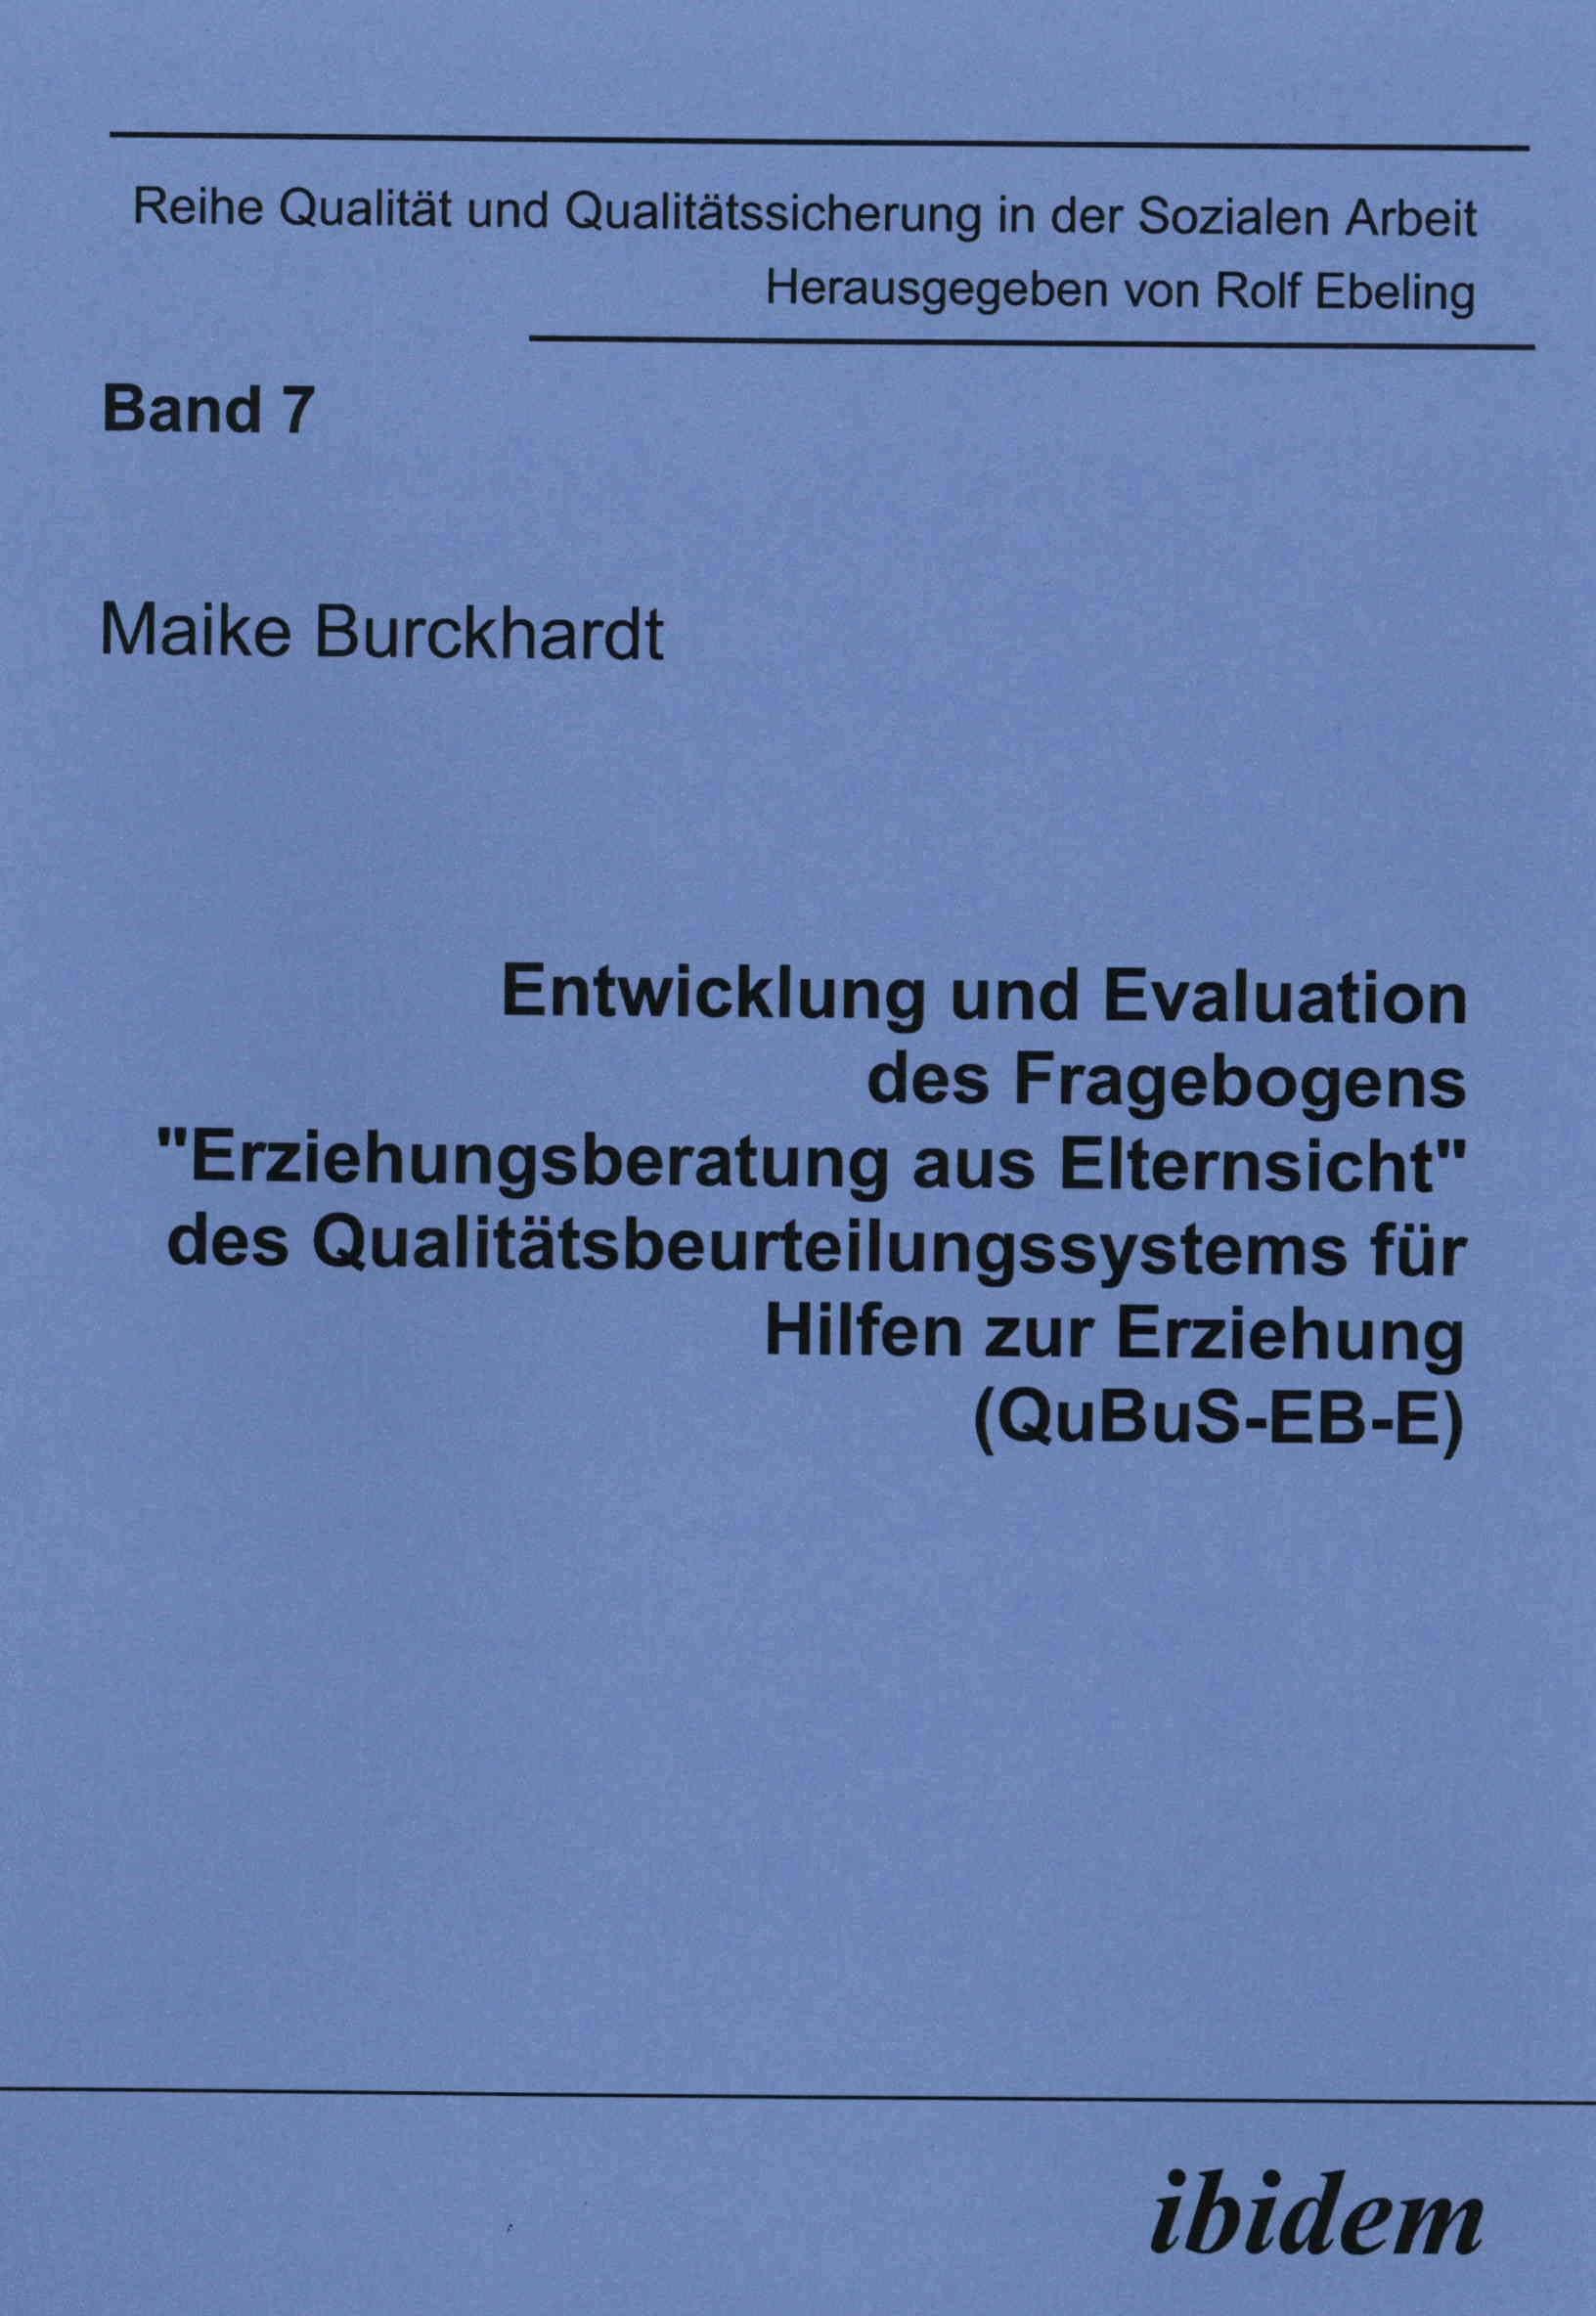 """Entwicklung und Evaluation des Fragebogens """"Erziehungsberatung aus Elternsicht"""" des Qualitätsbeurteilungssystems für Hilfen zur Erziehung (QuBuS-EB-E)"""